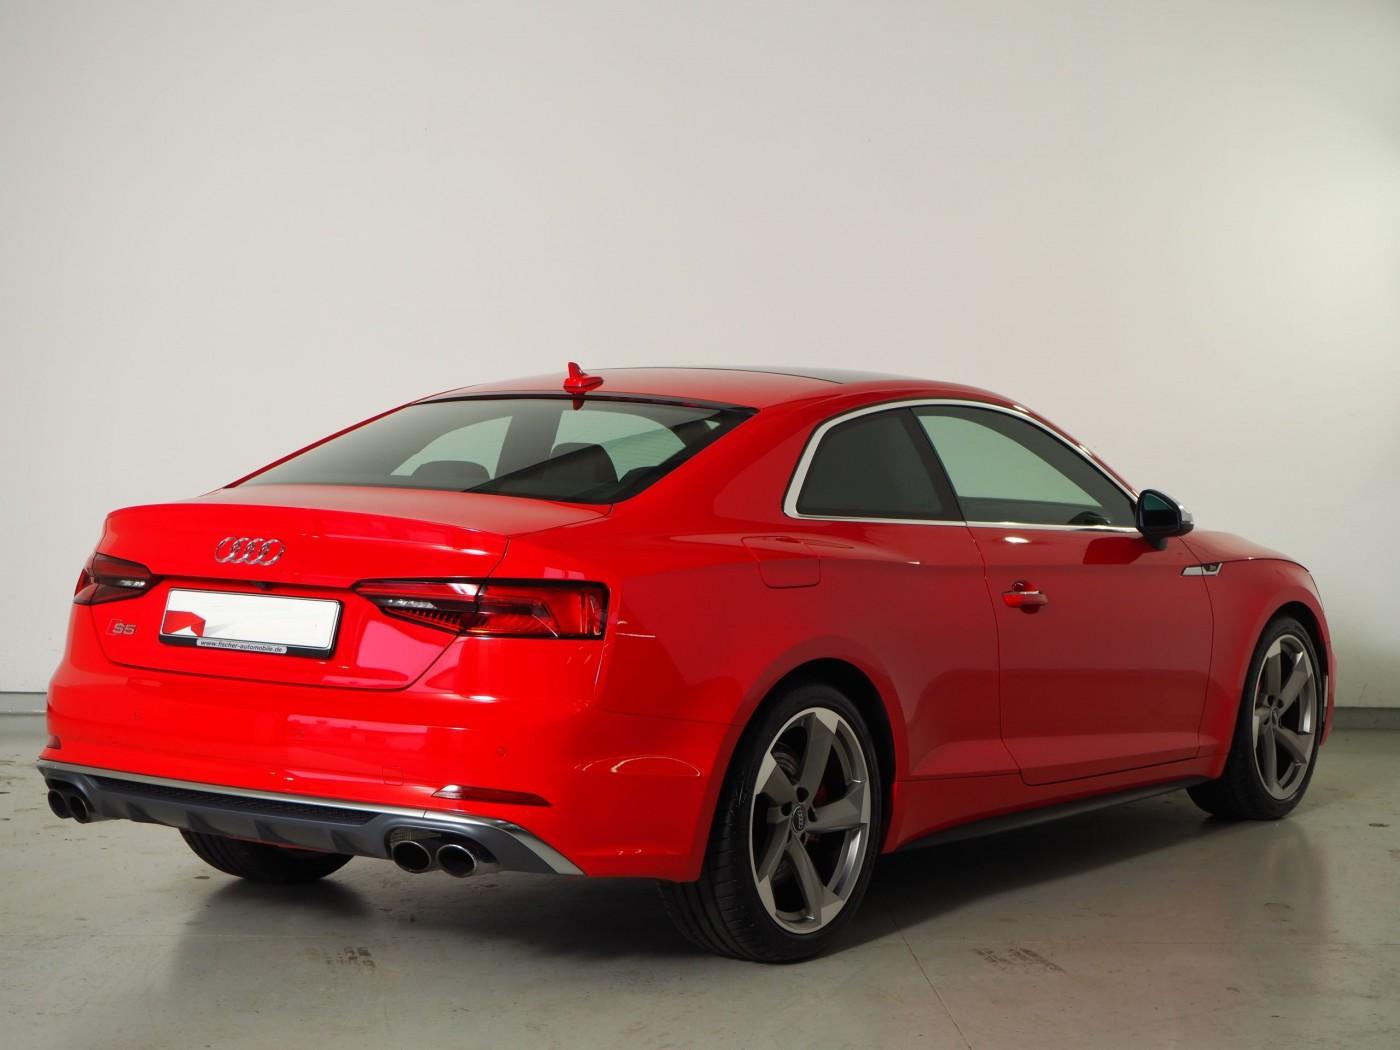 Audi S5  354 CP   - 45018 €,   6639 km,  anul 2017,  culoare rosu